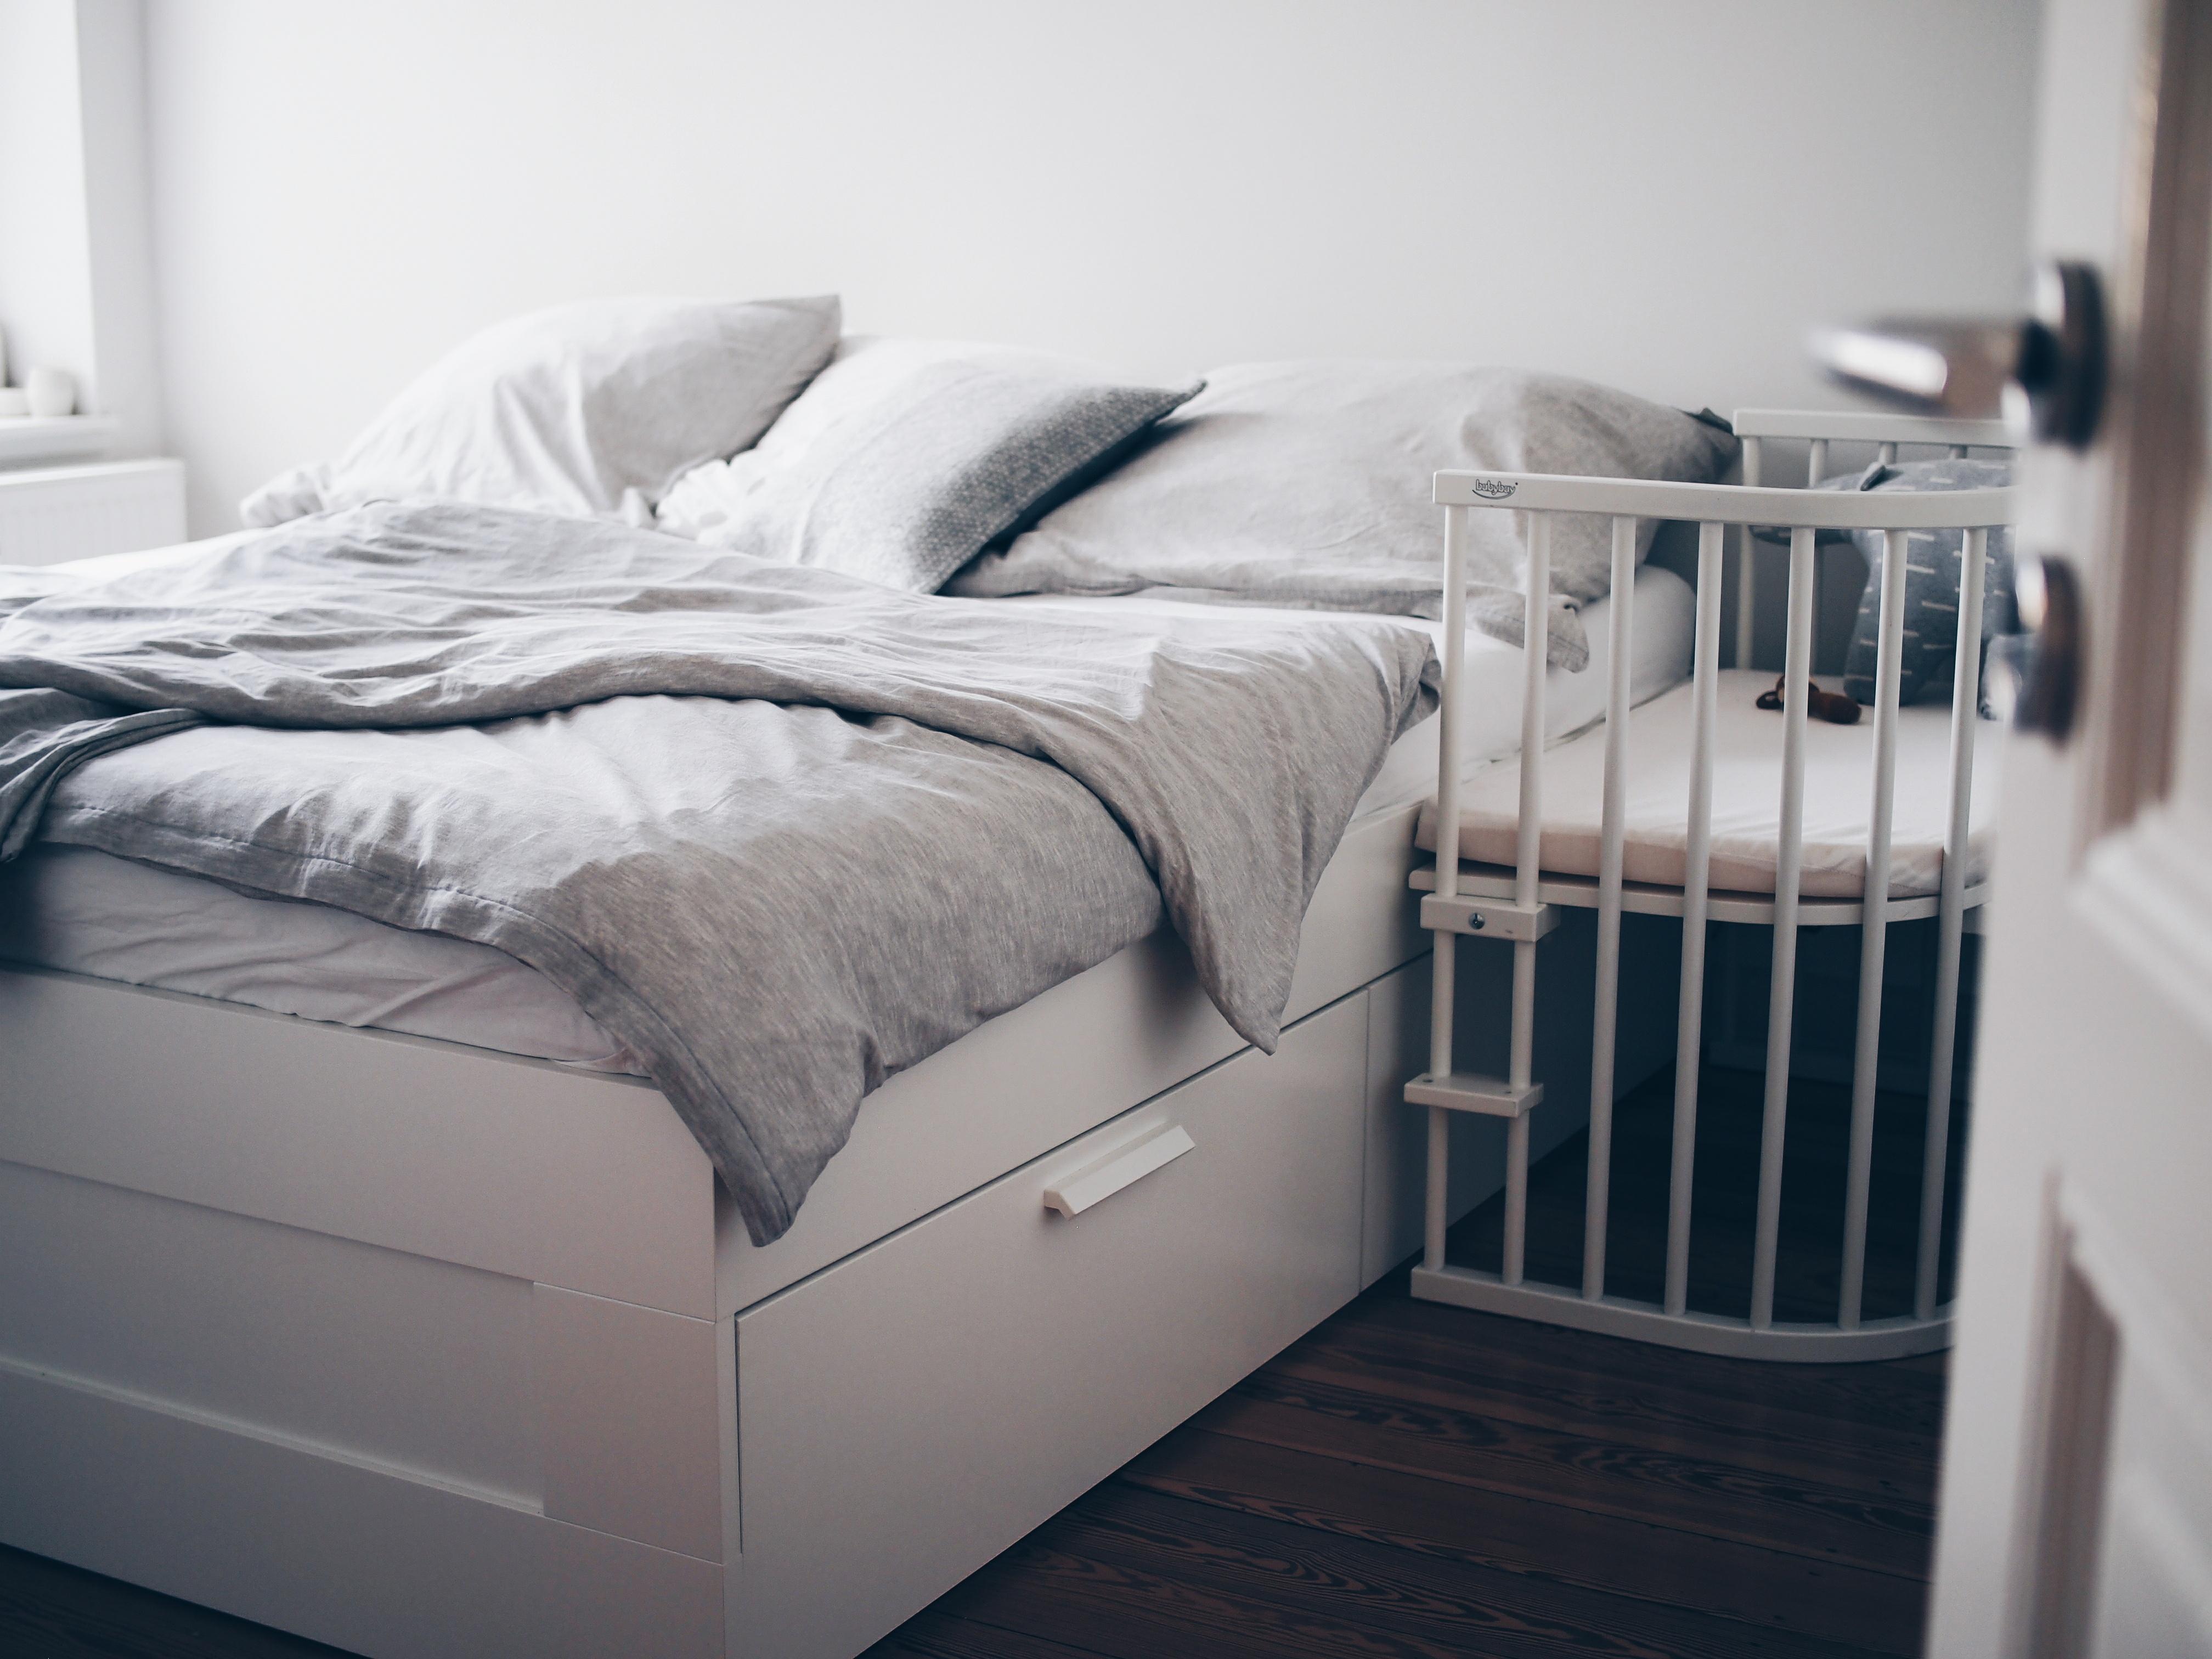 Bett Viele Kissen. Livingabc Ikea Interior Bett. Ehepaar Liegt ...